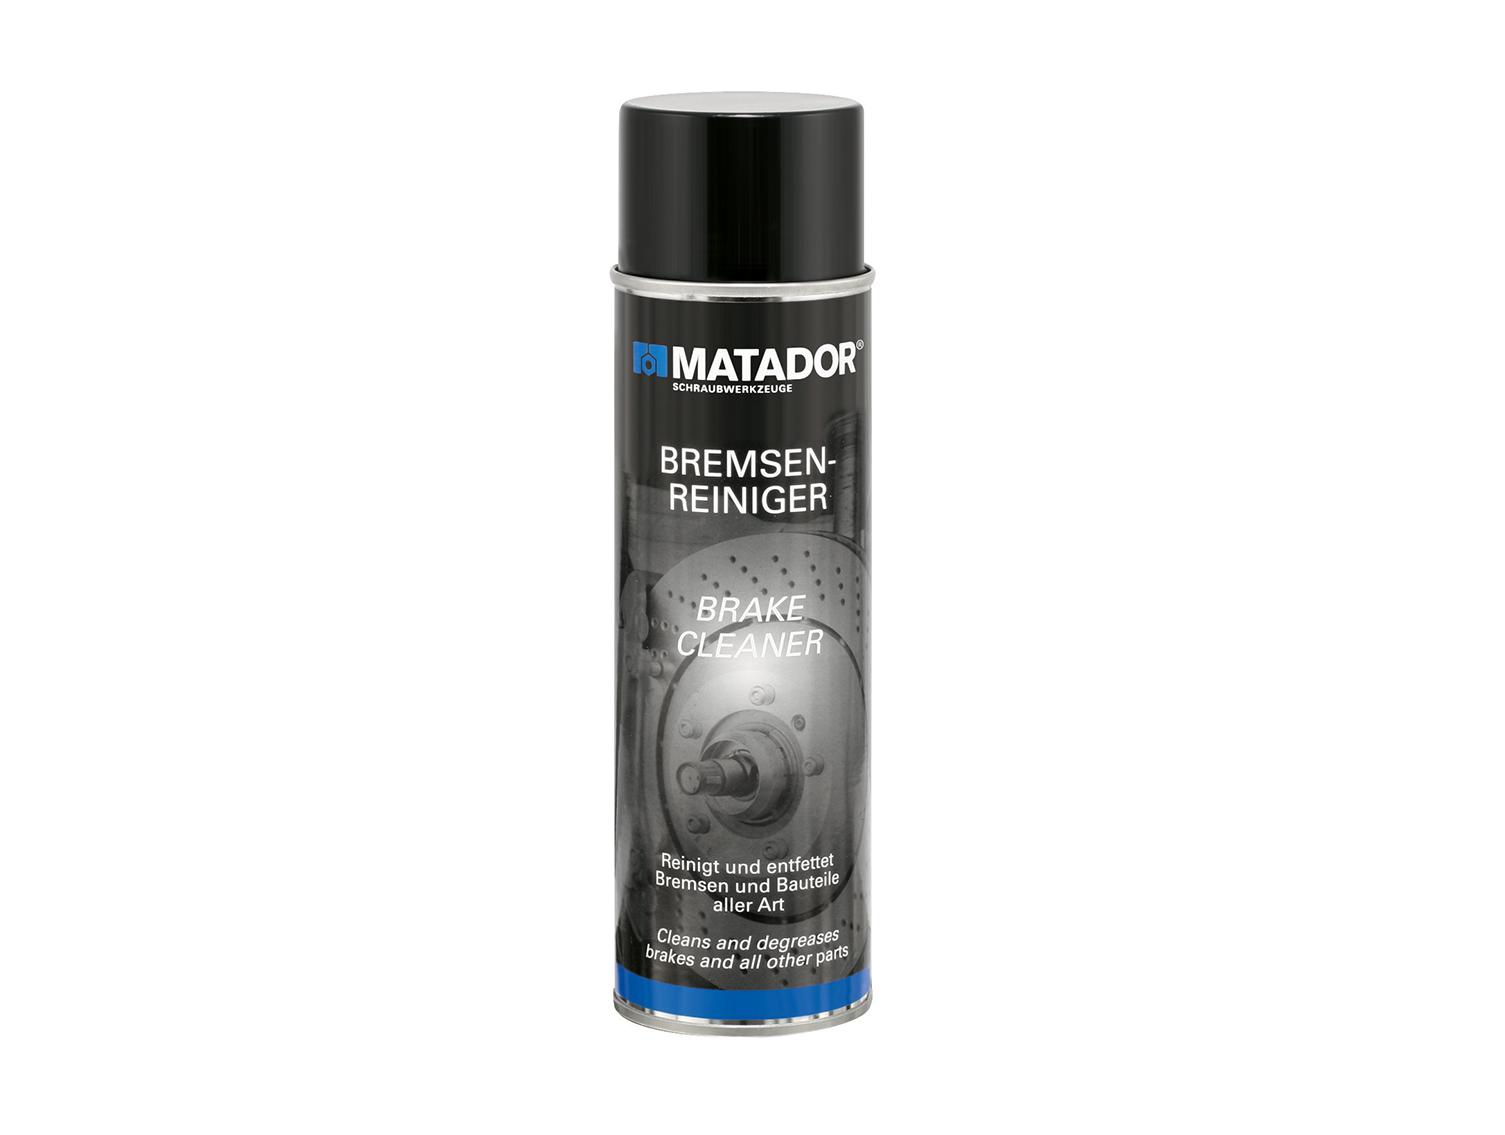 Bremsenreiniger, MATADOR 81460002